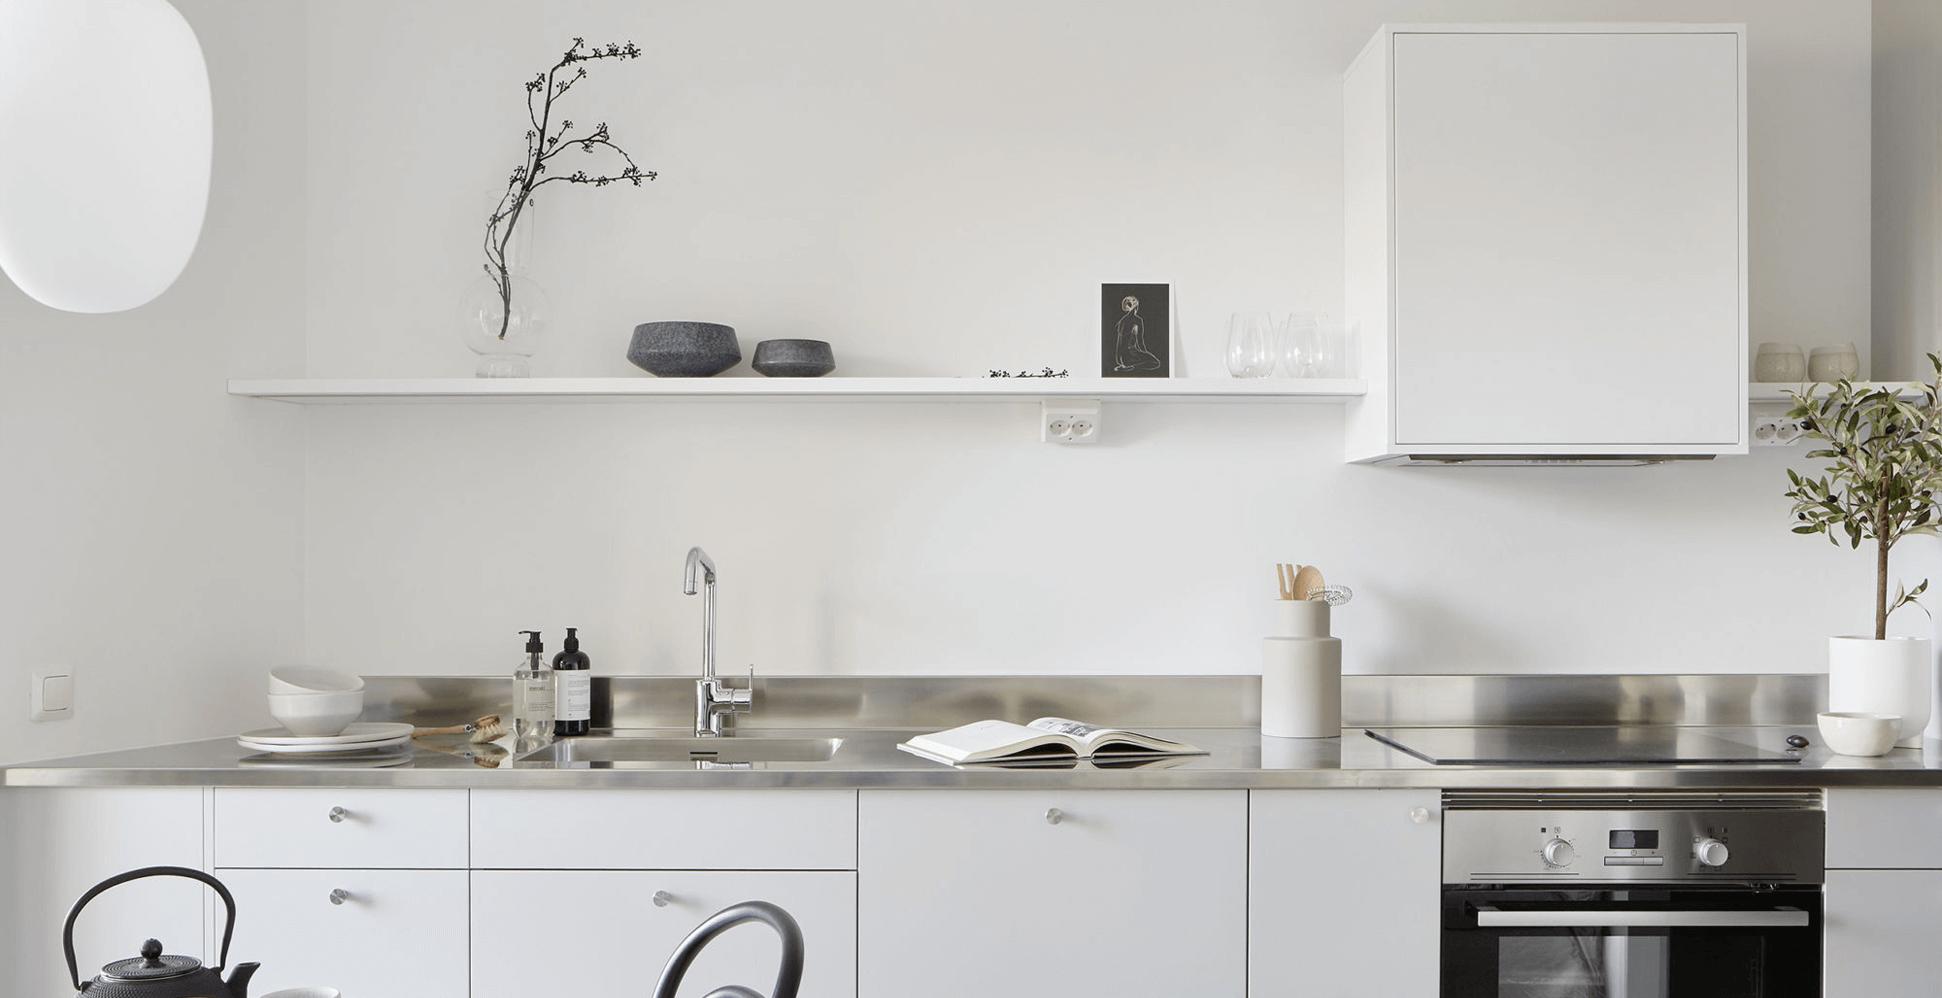 Vitt kök Fritidshus Husverket